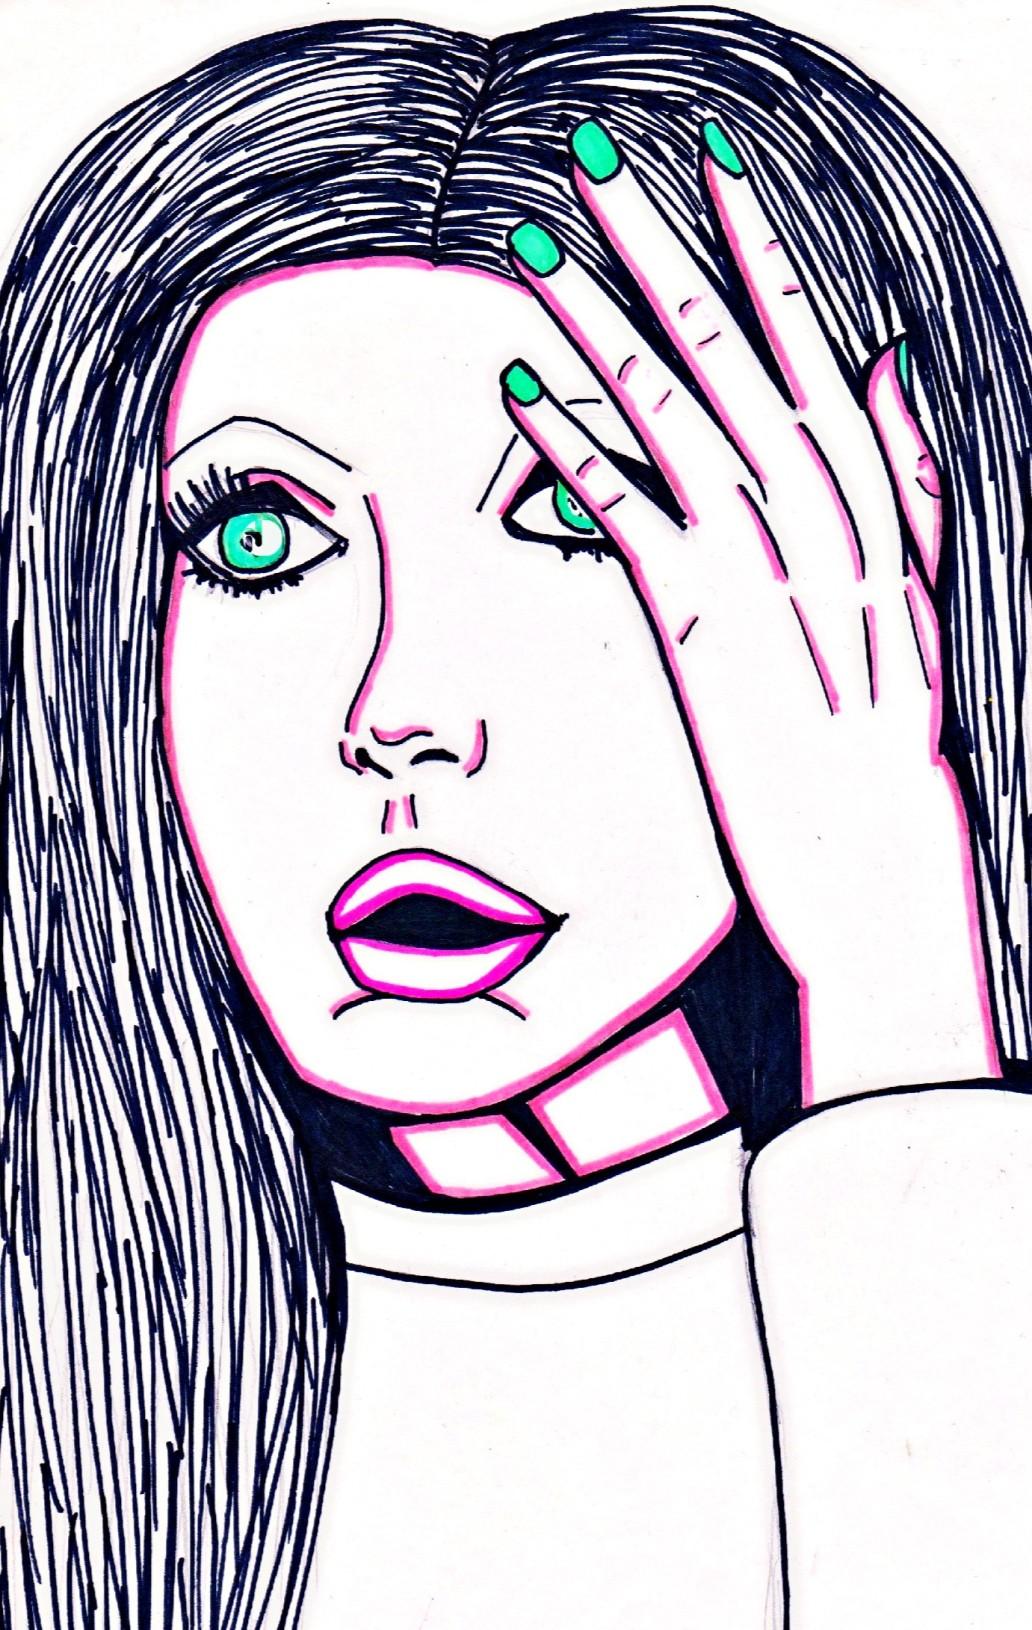 Everyone is Watching - By Charlotte Farhan